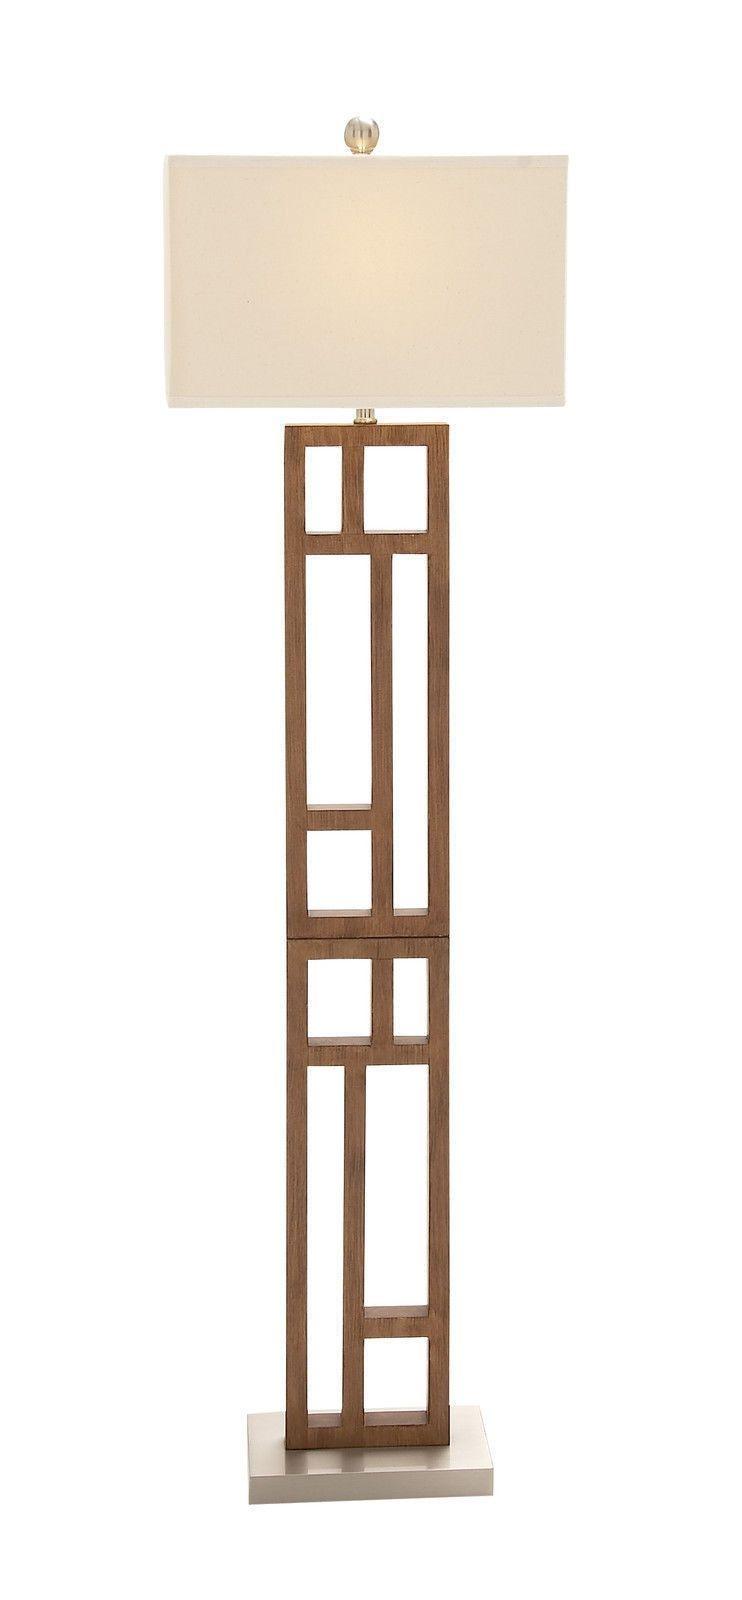 Modern 62 Standing Wood Stainless Steel Floor Lamp Contemporary Geometric Steel Floor Lamps Wooden Floor Lamps Wood Floor Lamp